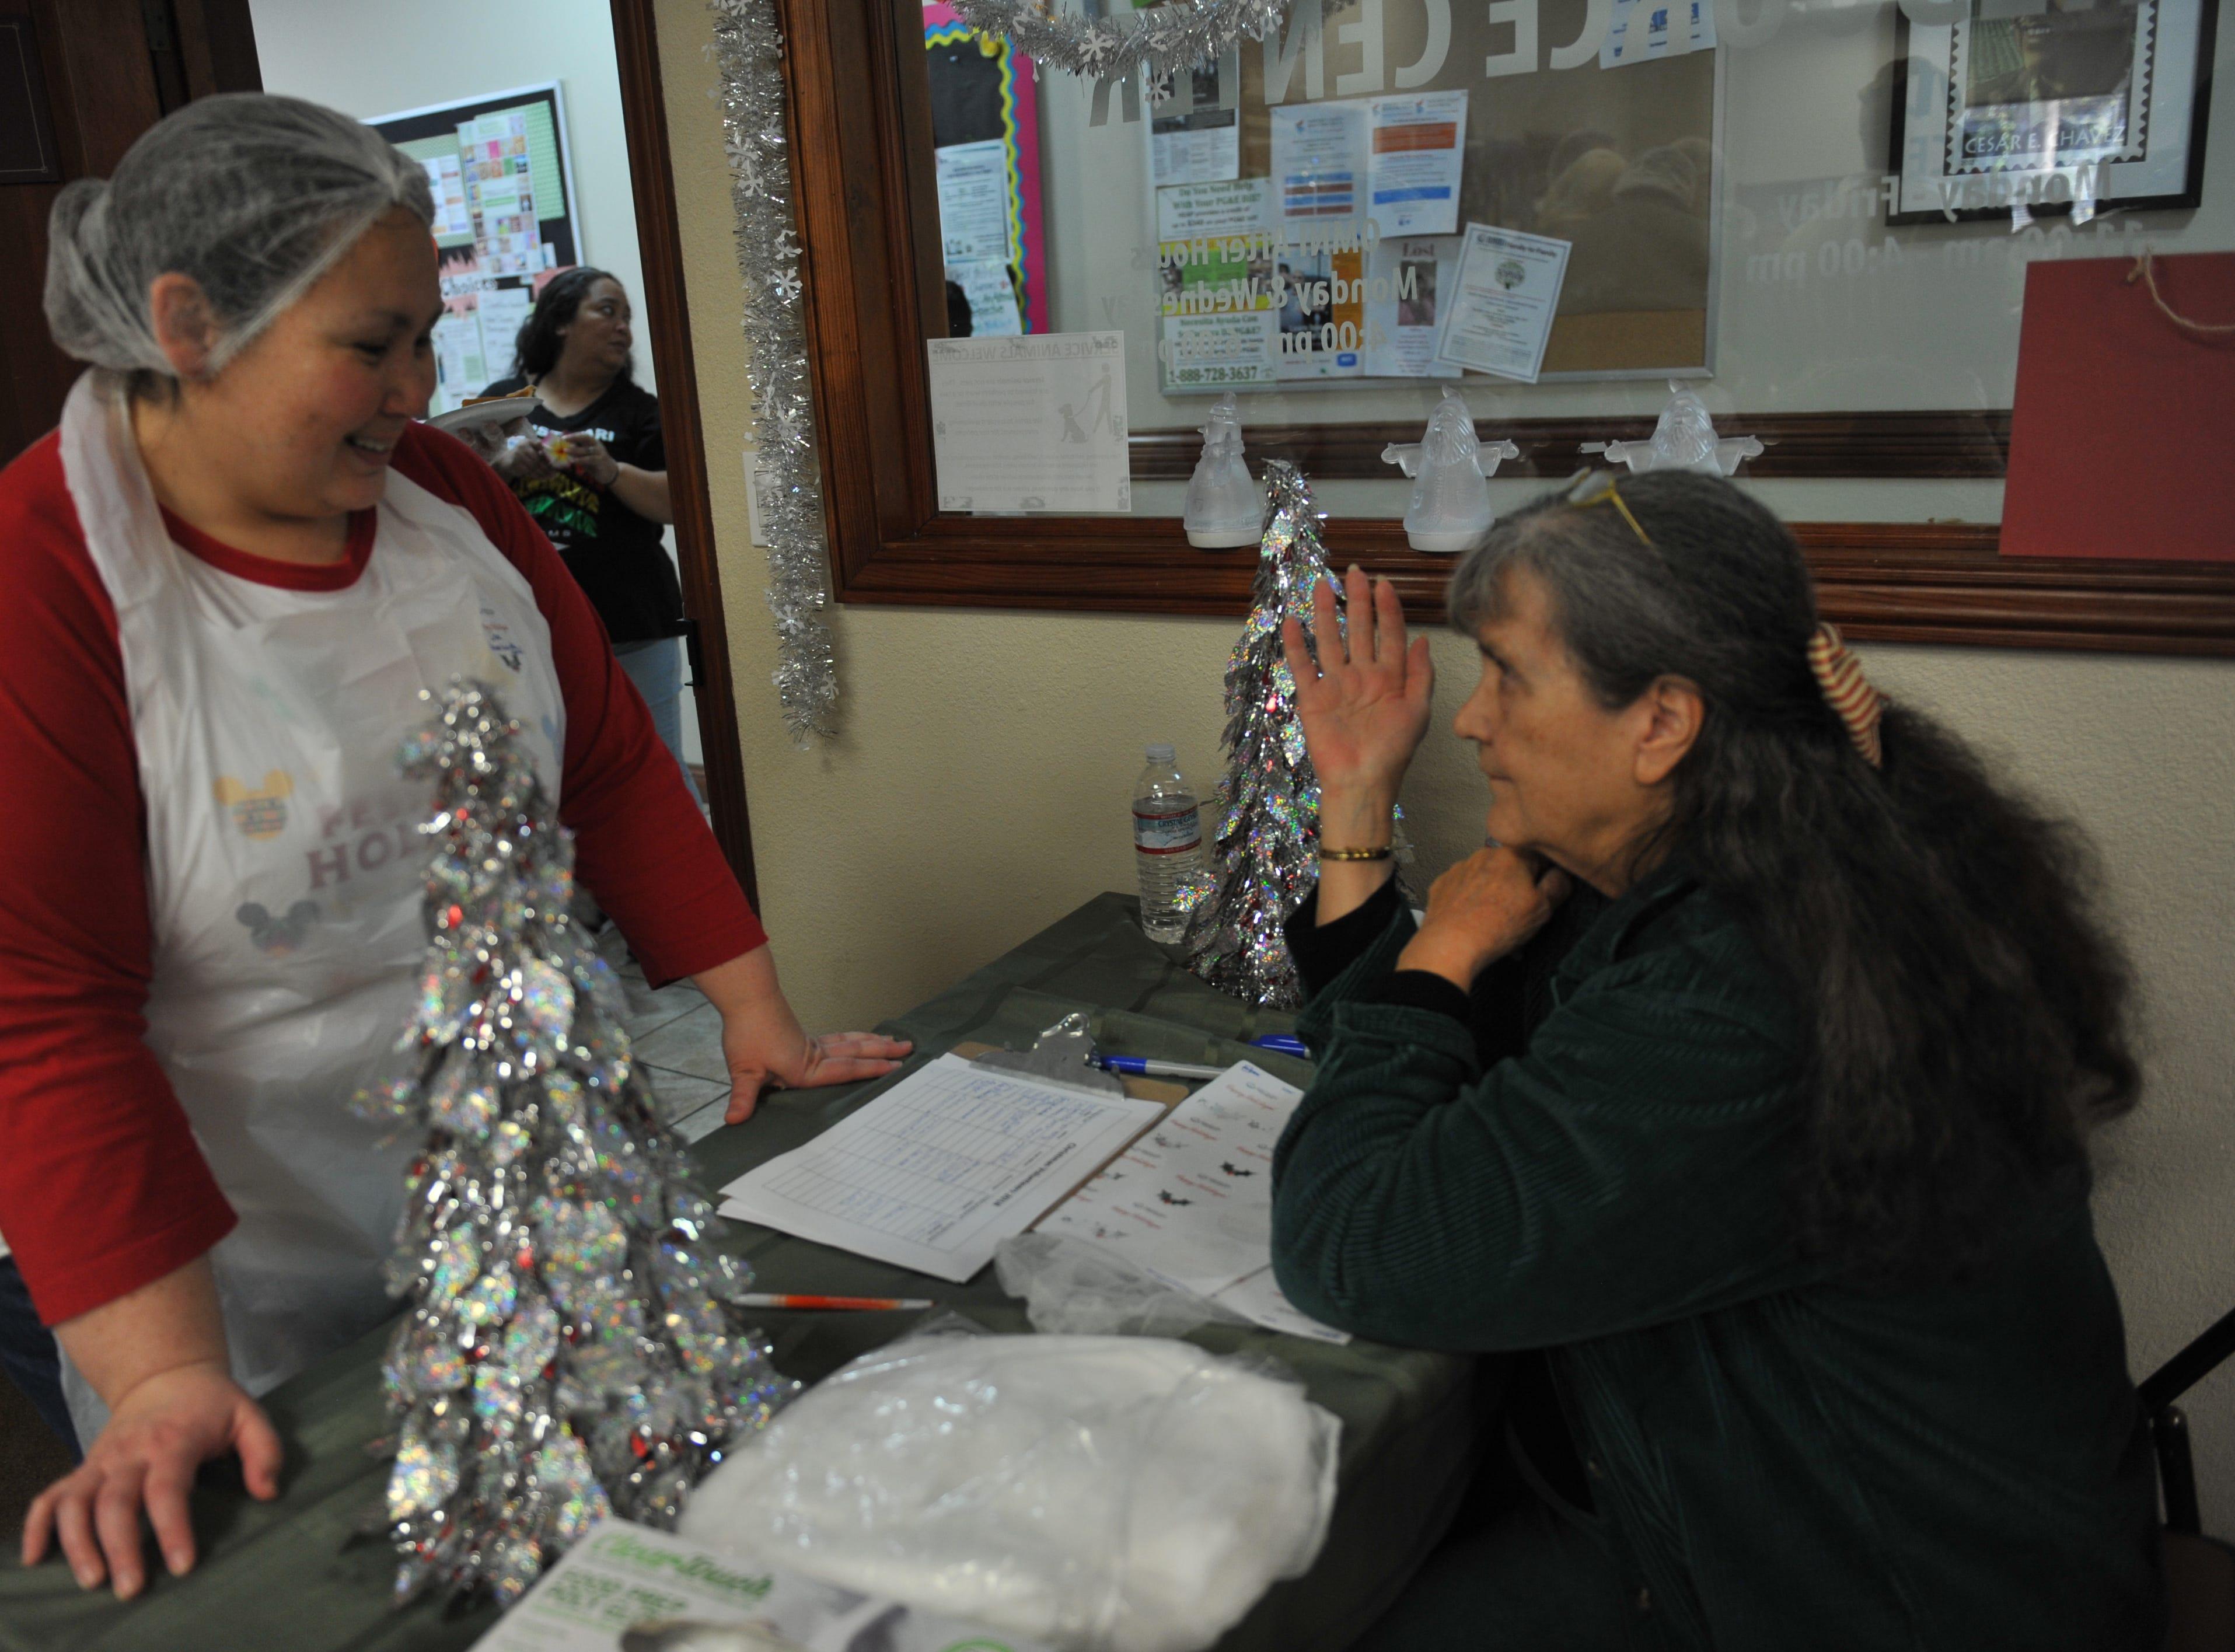 OMNI Administrator Lisa Corpuz, left, speaks with a volunteer.